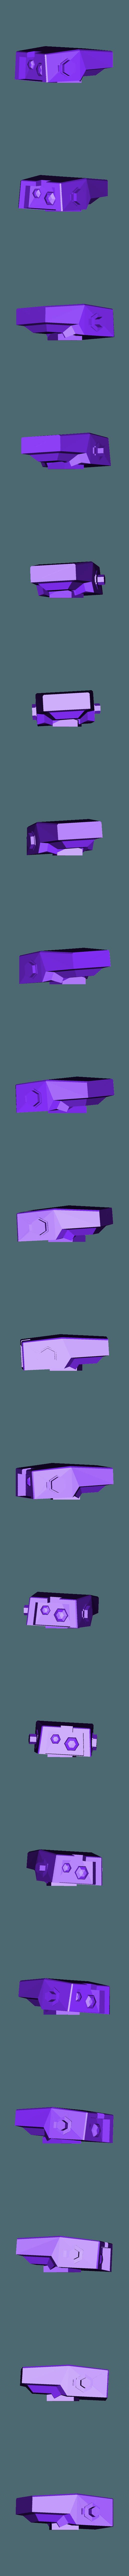 5Storm_Surge_Head2_repaired.stl Download free OBJ file Tempest Rush Mech • 3D printer model, Leesedrenfort